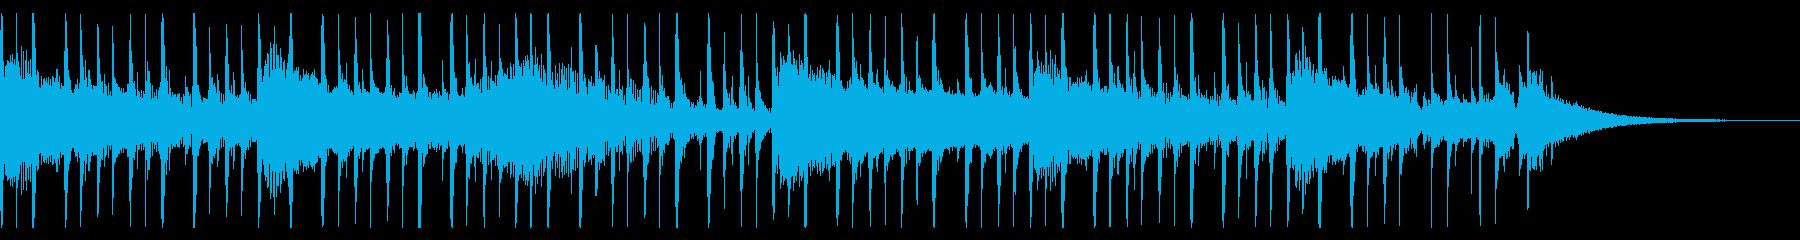 就職面接(30秒)の再生済みの波形